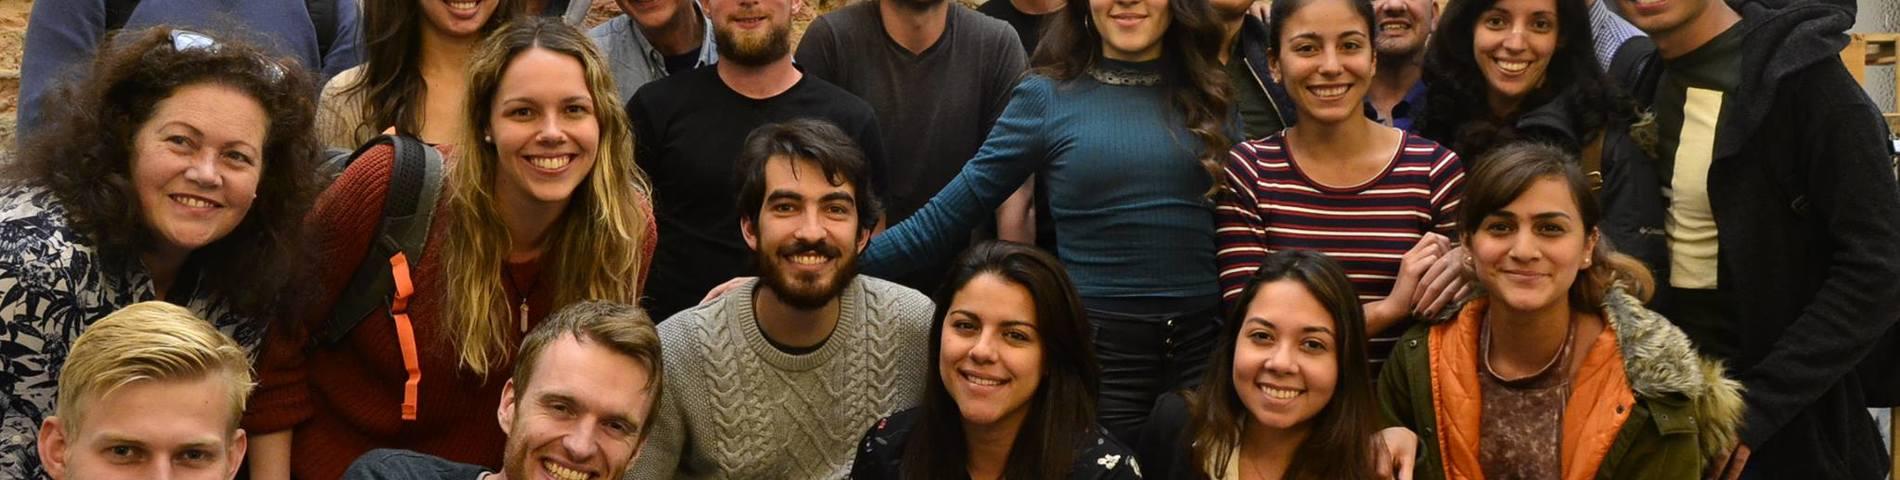 WHEE Spanish Language Institute picture 1